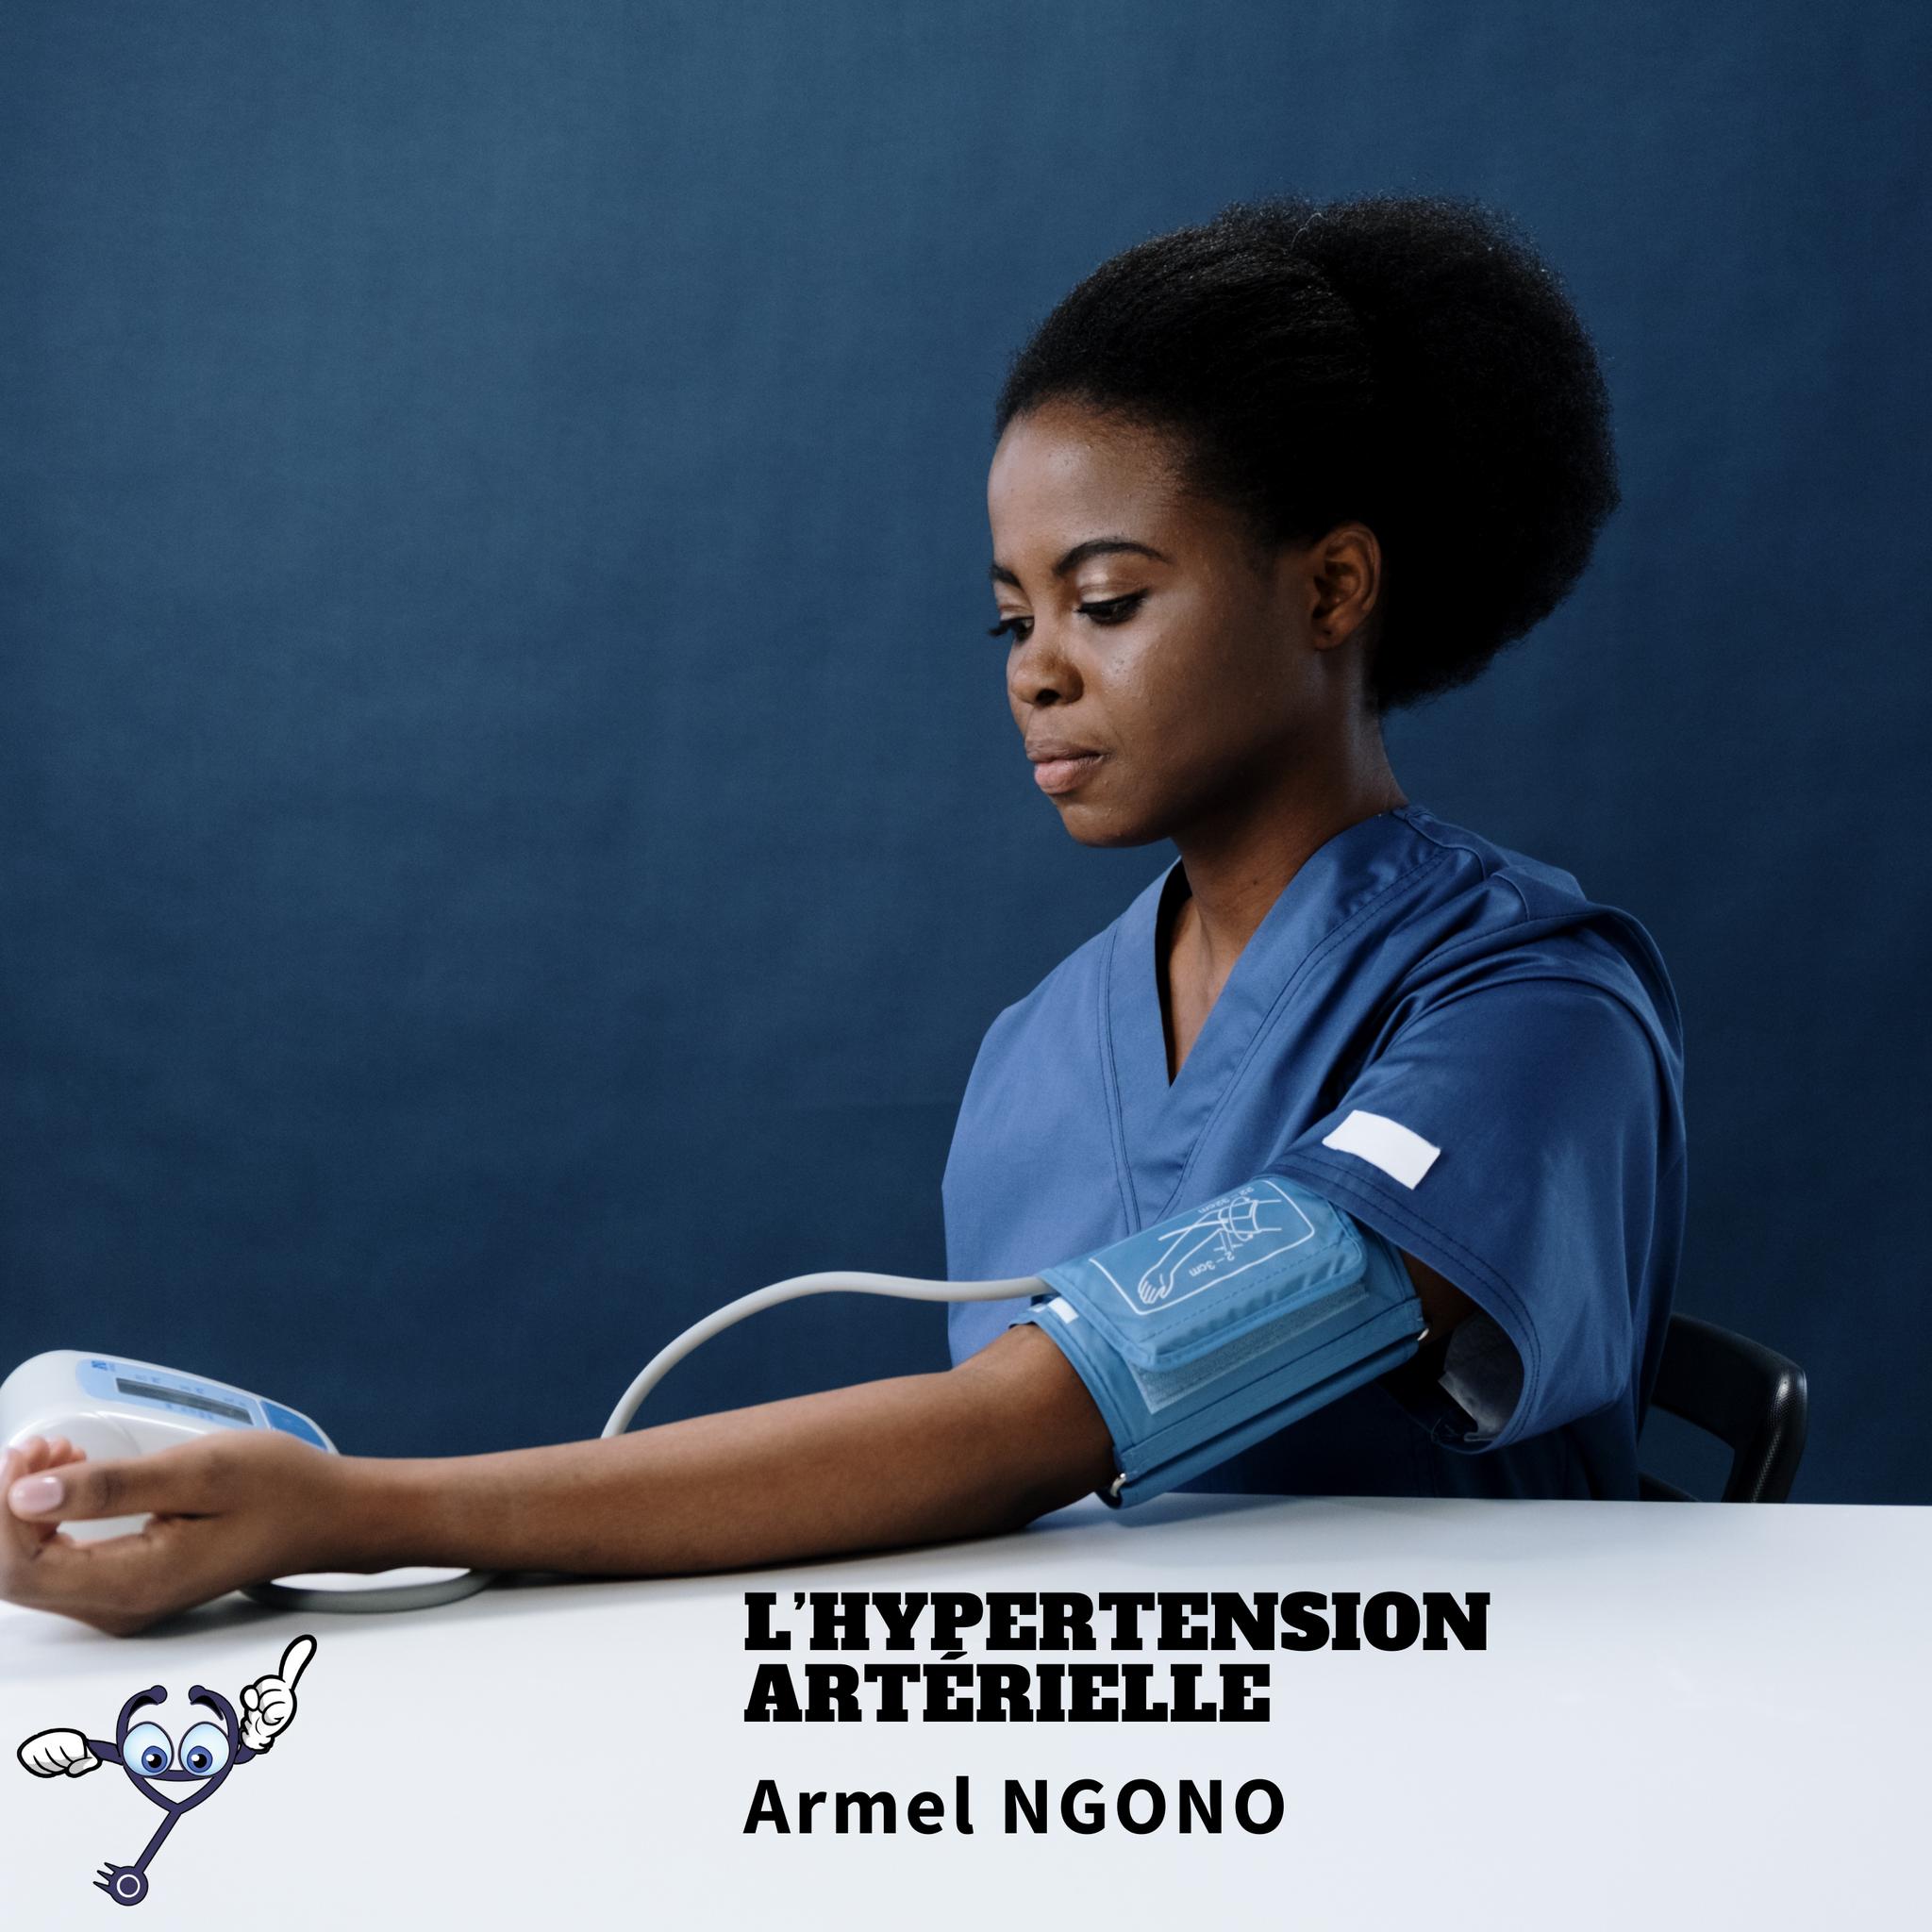 L' Hypertension Artérielle